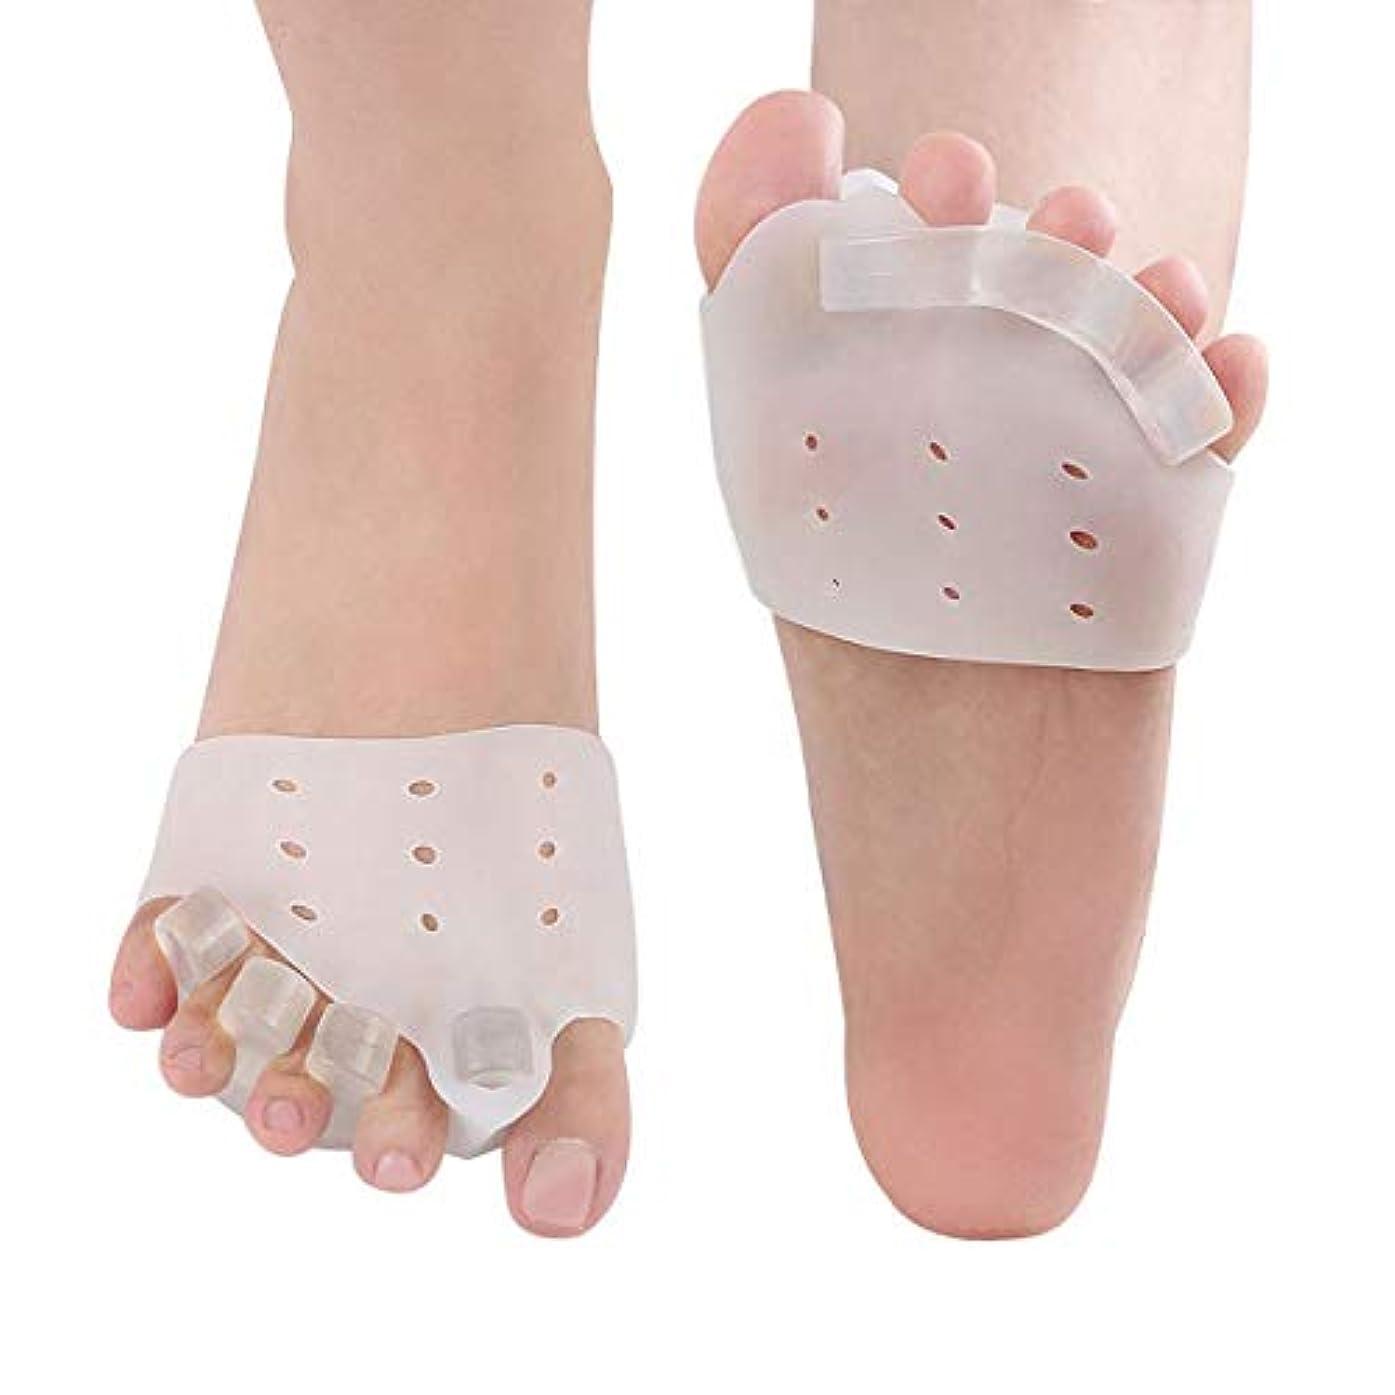 悪意のあるペナルティ不和足指パッド セパレーター 矯正 足指を広げる 外反母趾矯正 内反小趾 サポーター 足指矯正パッド 足指分離 足指 シリコンパッド 足用保護パッド 足の痛みを軽減 男女兼用 左右兼用 (左右セット)